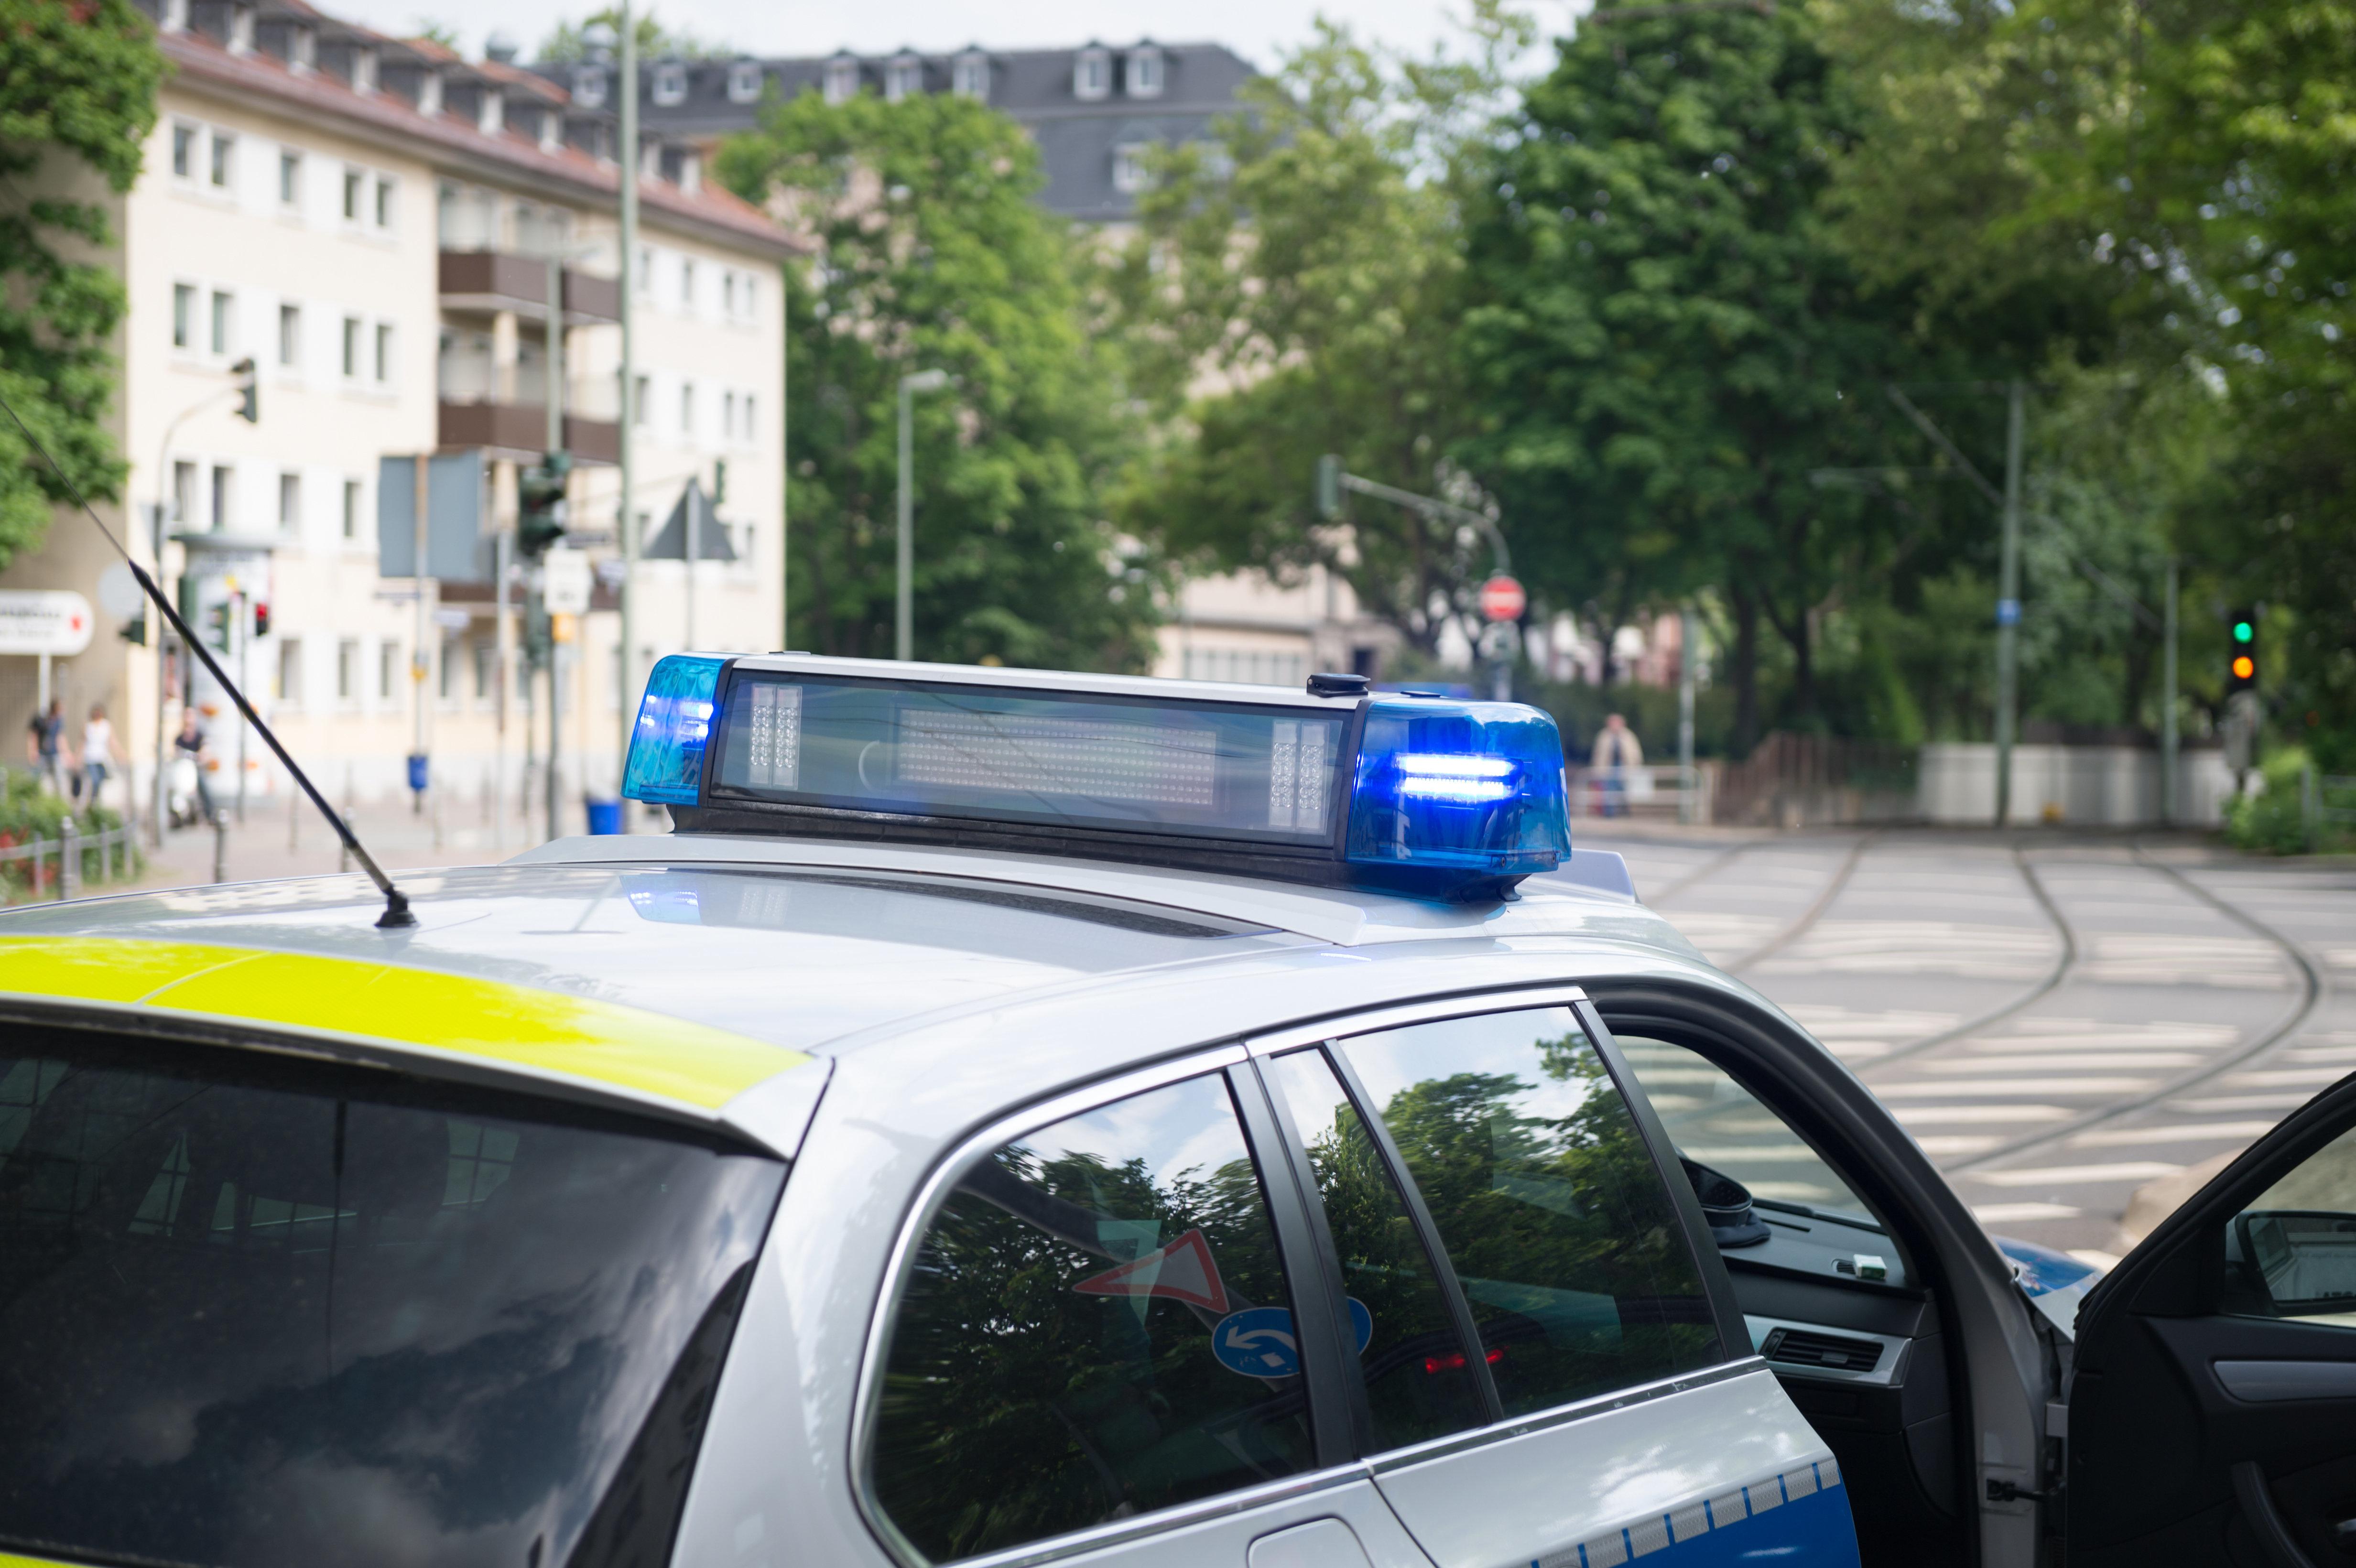 Trotz Ferienbeginn: Vater bringt Sohn zur Schule, am Ende muss die Polizei eingreifen